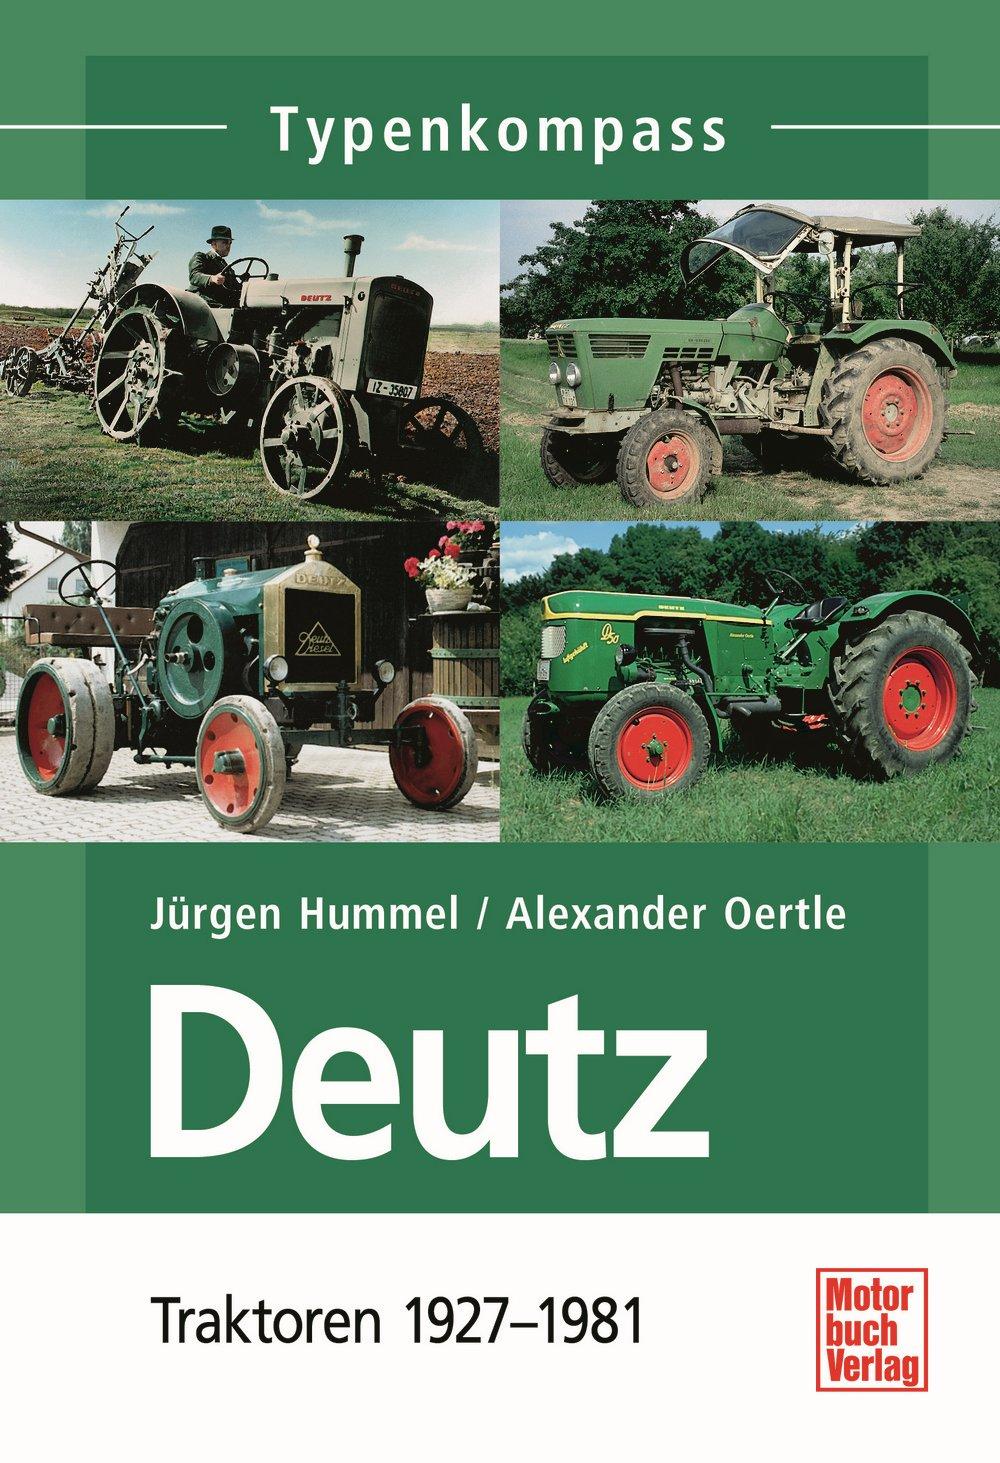 Boek: Deutz 1: Typenkompass 1927-1981